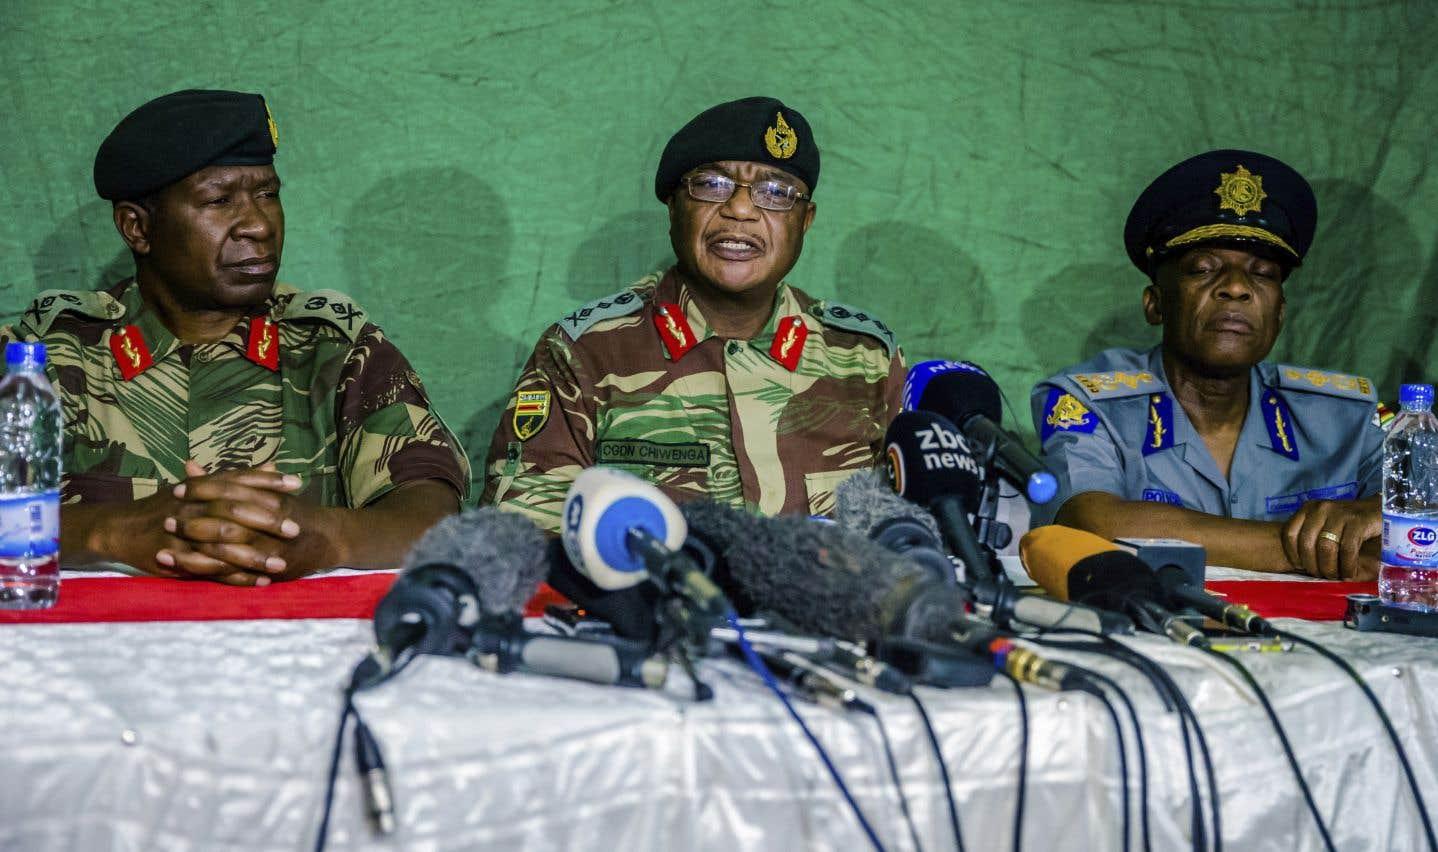 Le chef d'état-major, le général Constantino Chiwenga, auteur d'un coup de force militaire dans la nuit du 14 au 15novembre, a également appelé la population au «calme» et à «la patience».